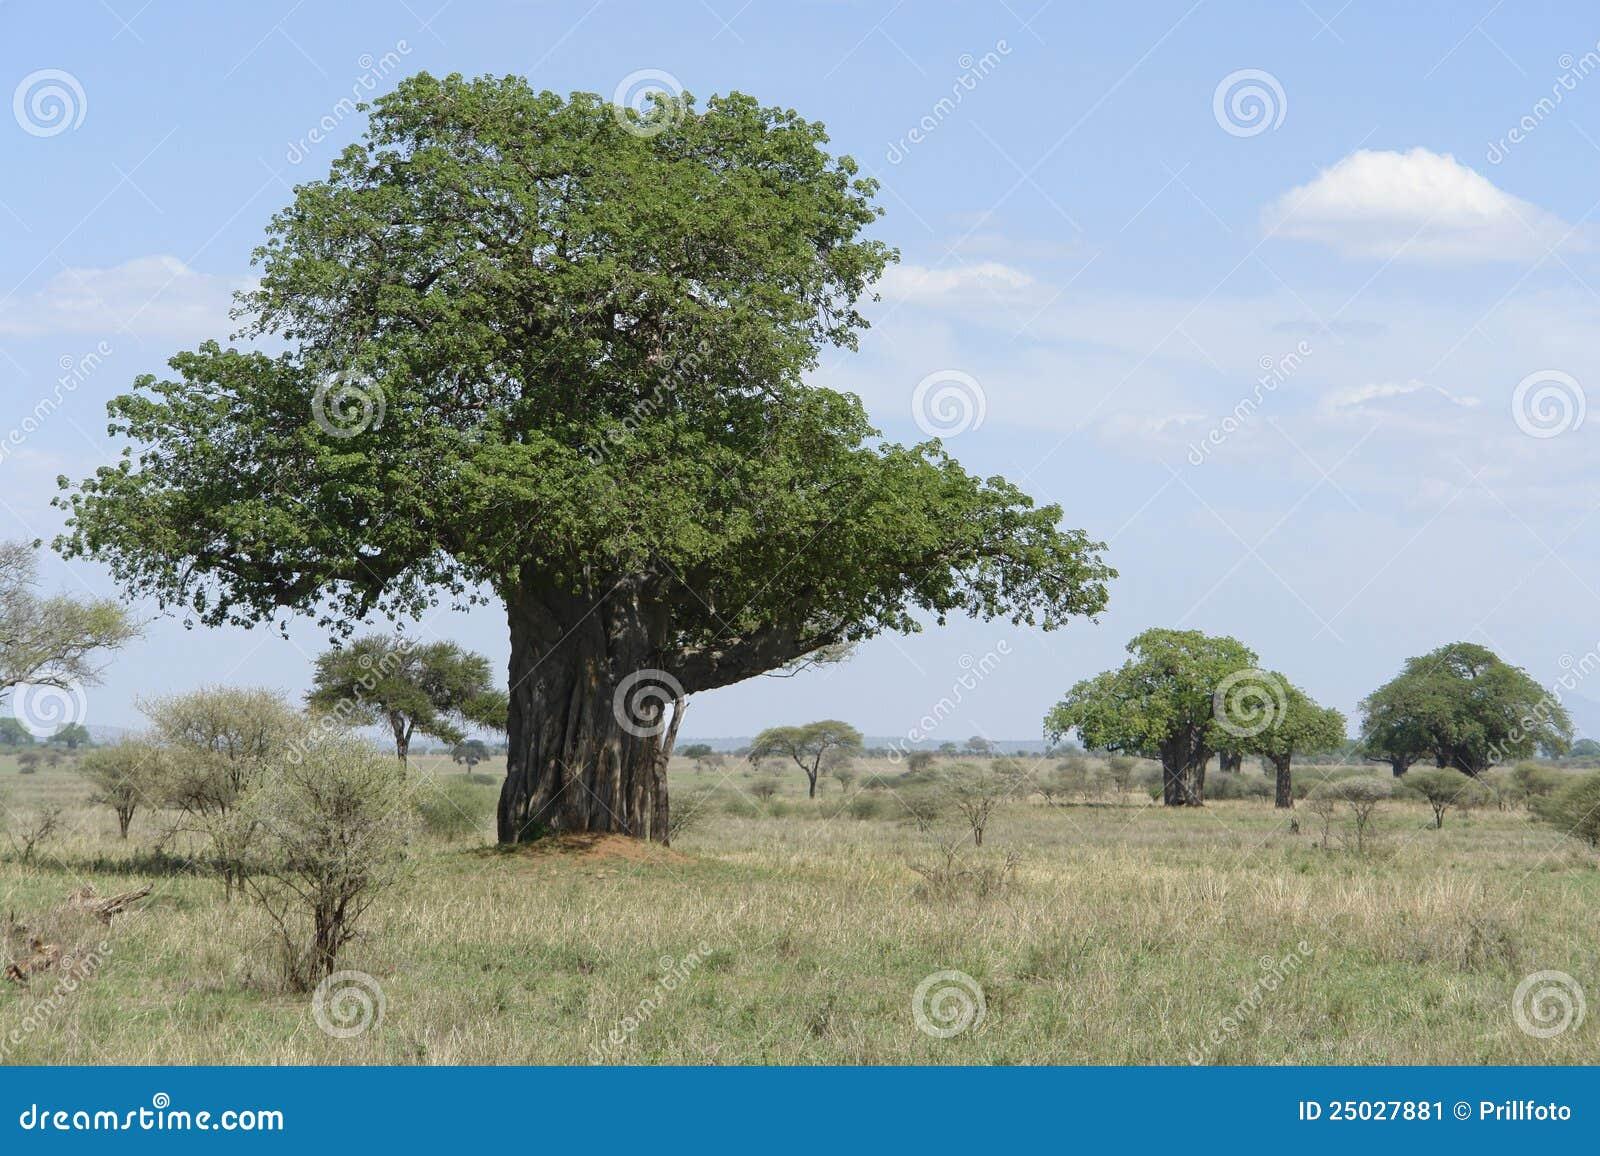 Africa baobabtree